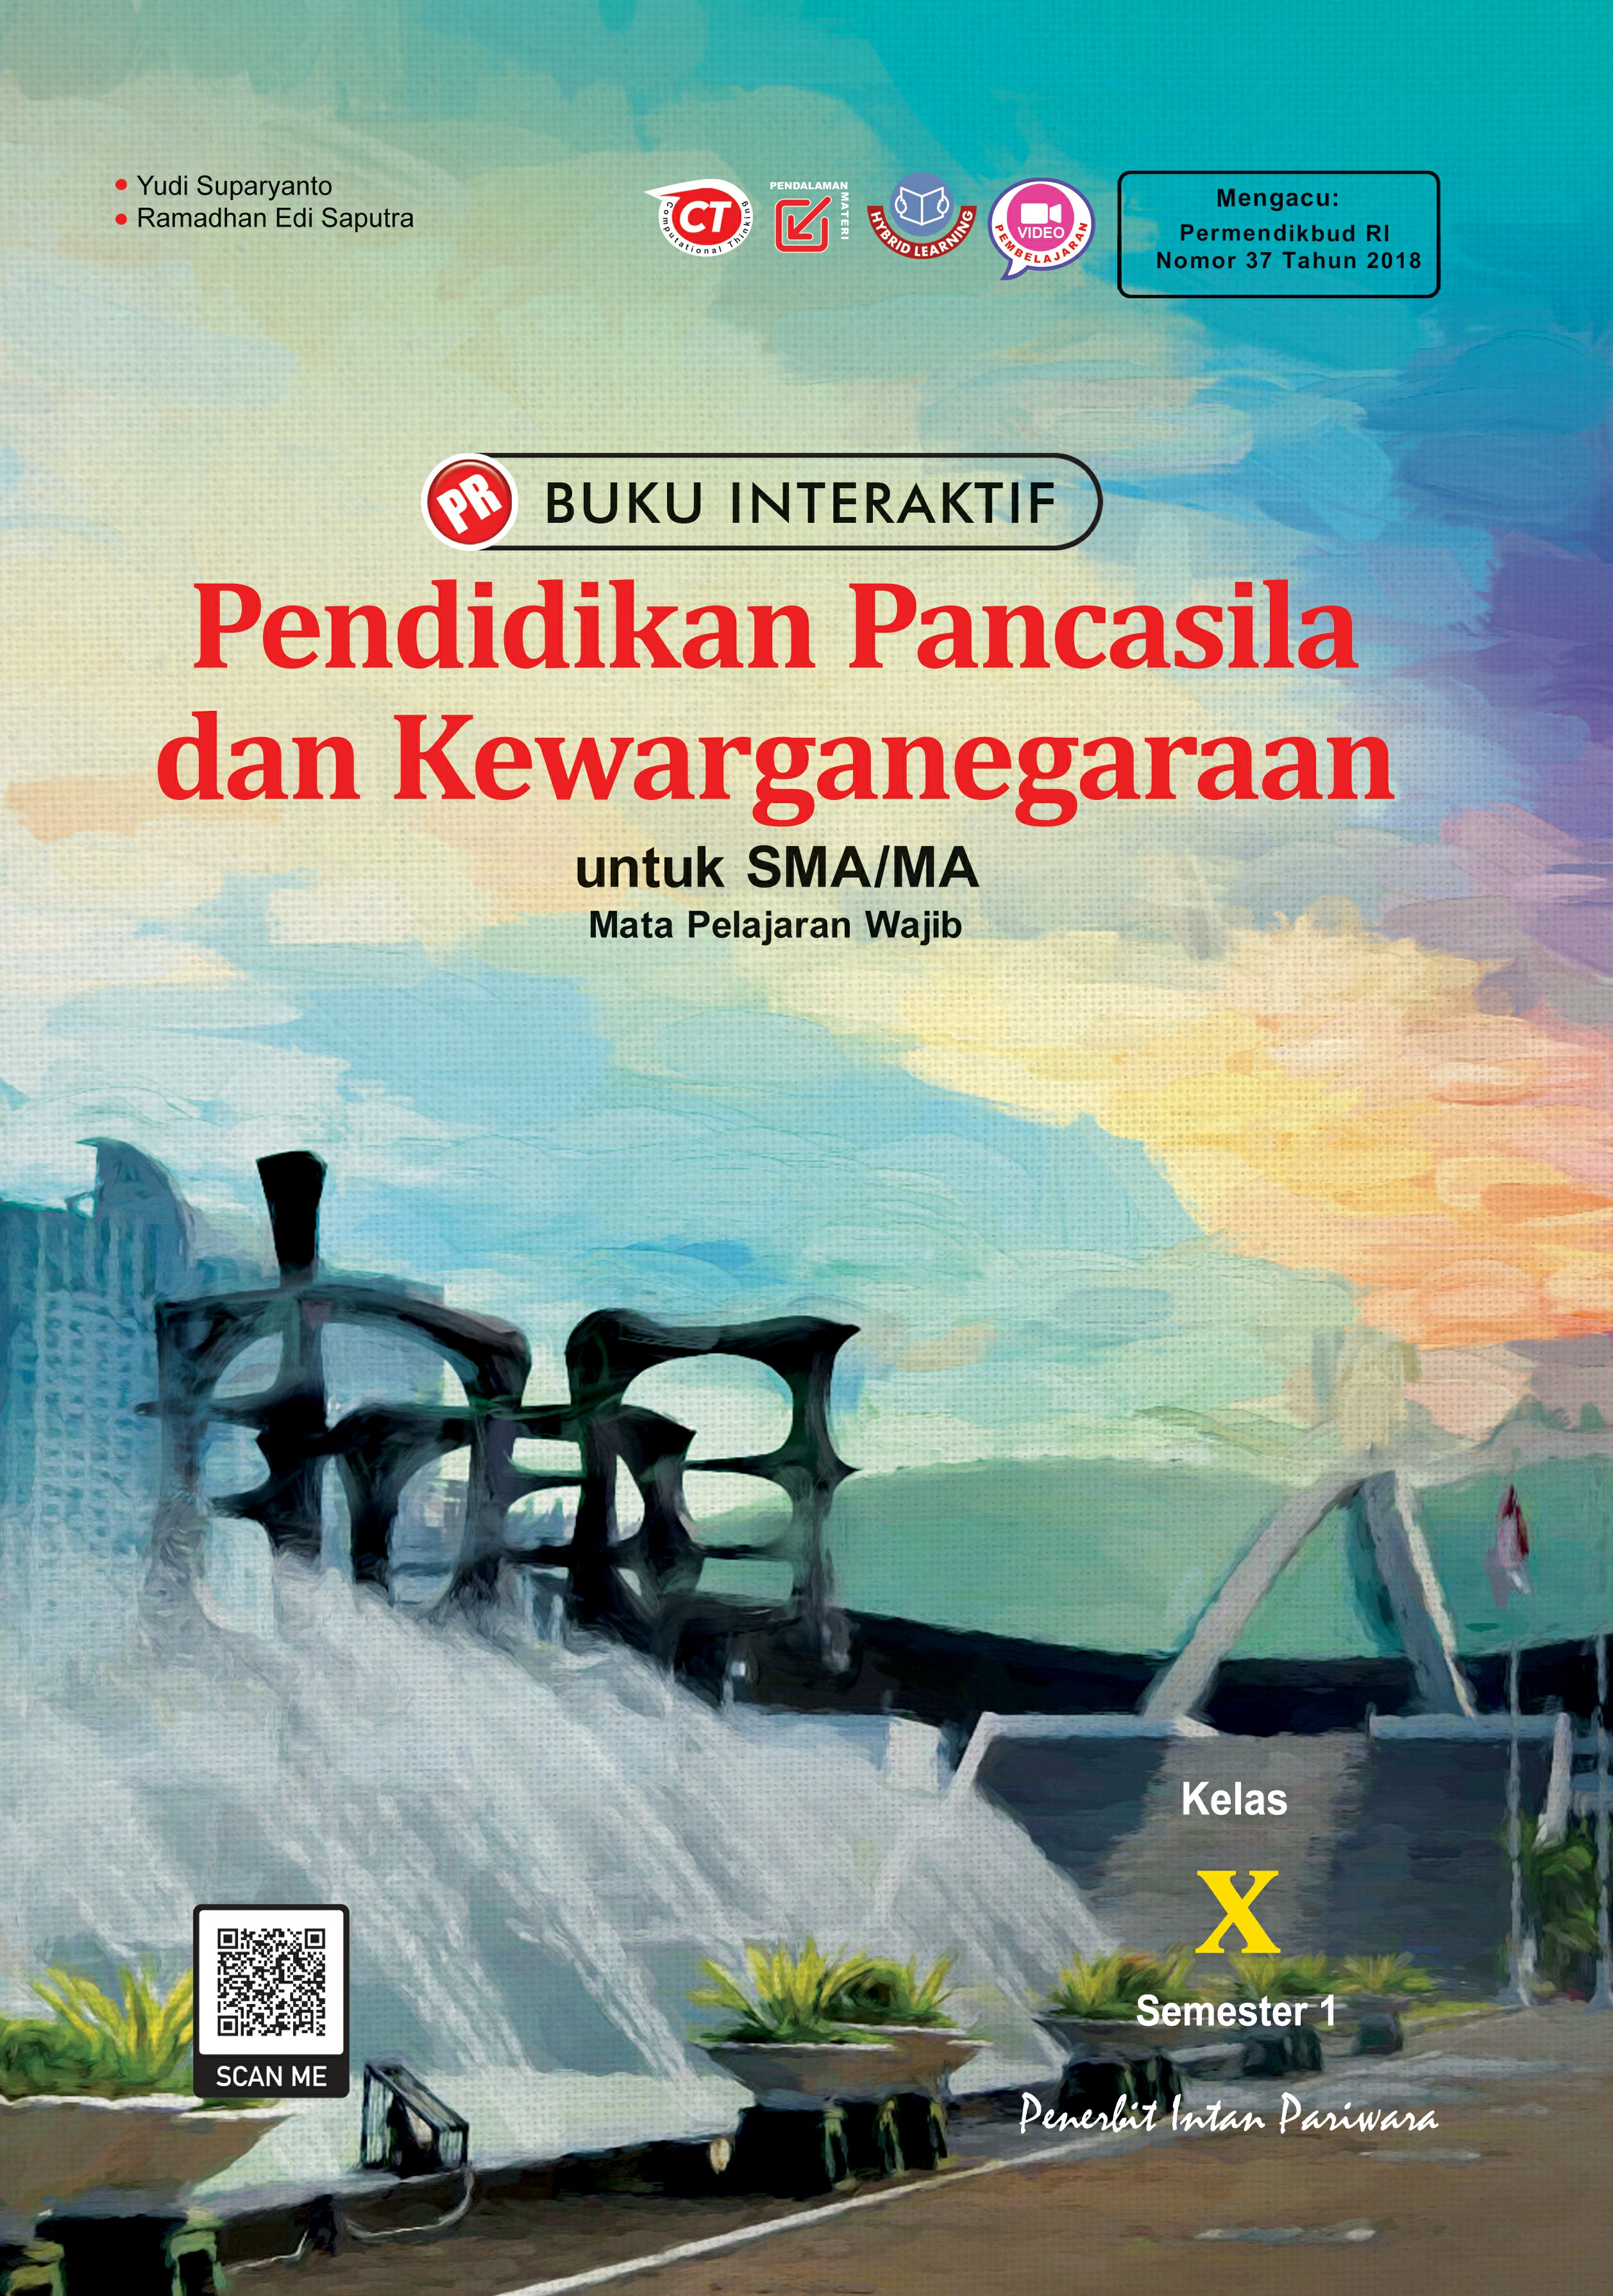 Buku Interaktif Pendidikan Pancasila dan Kewarganegaraan X Semester 1